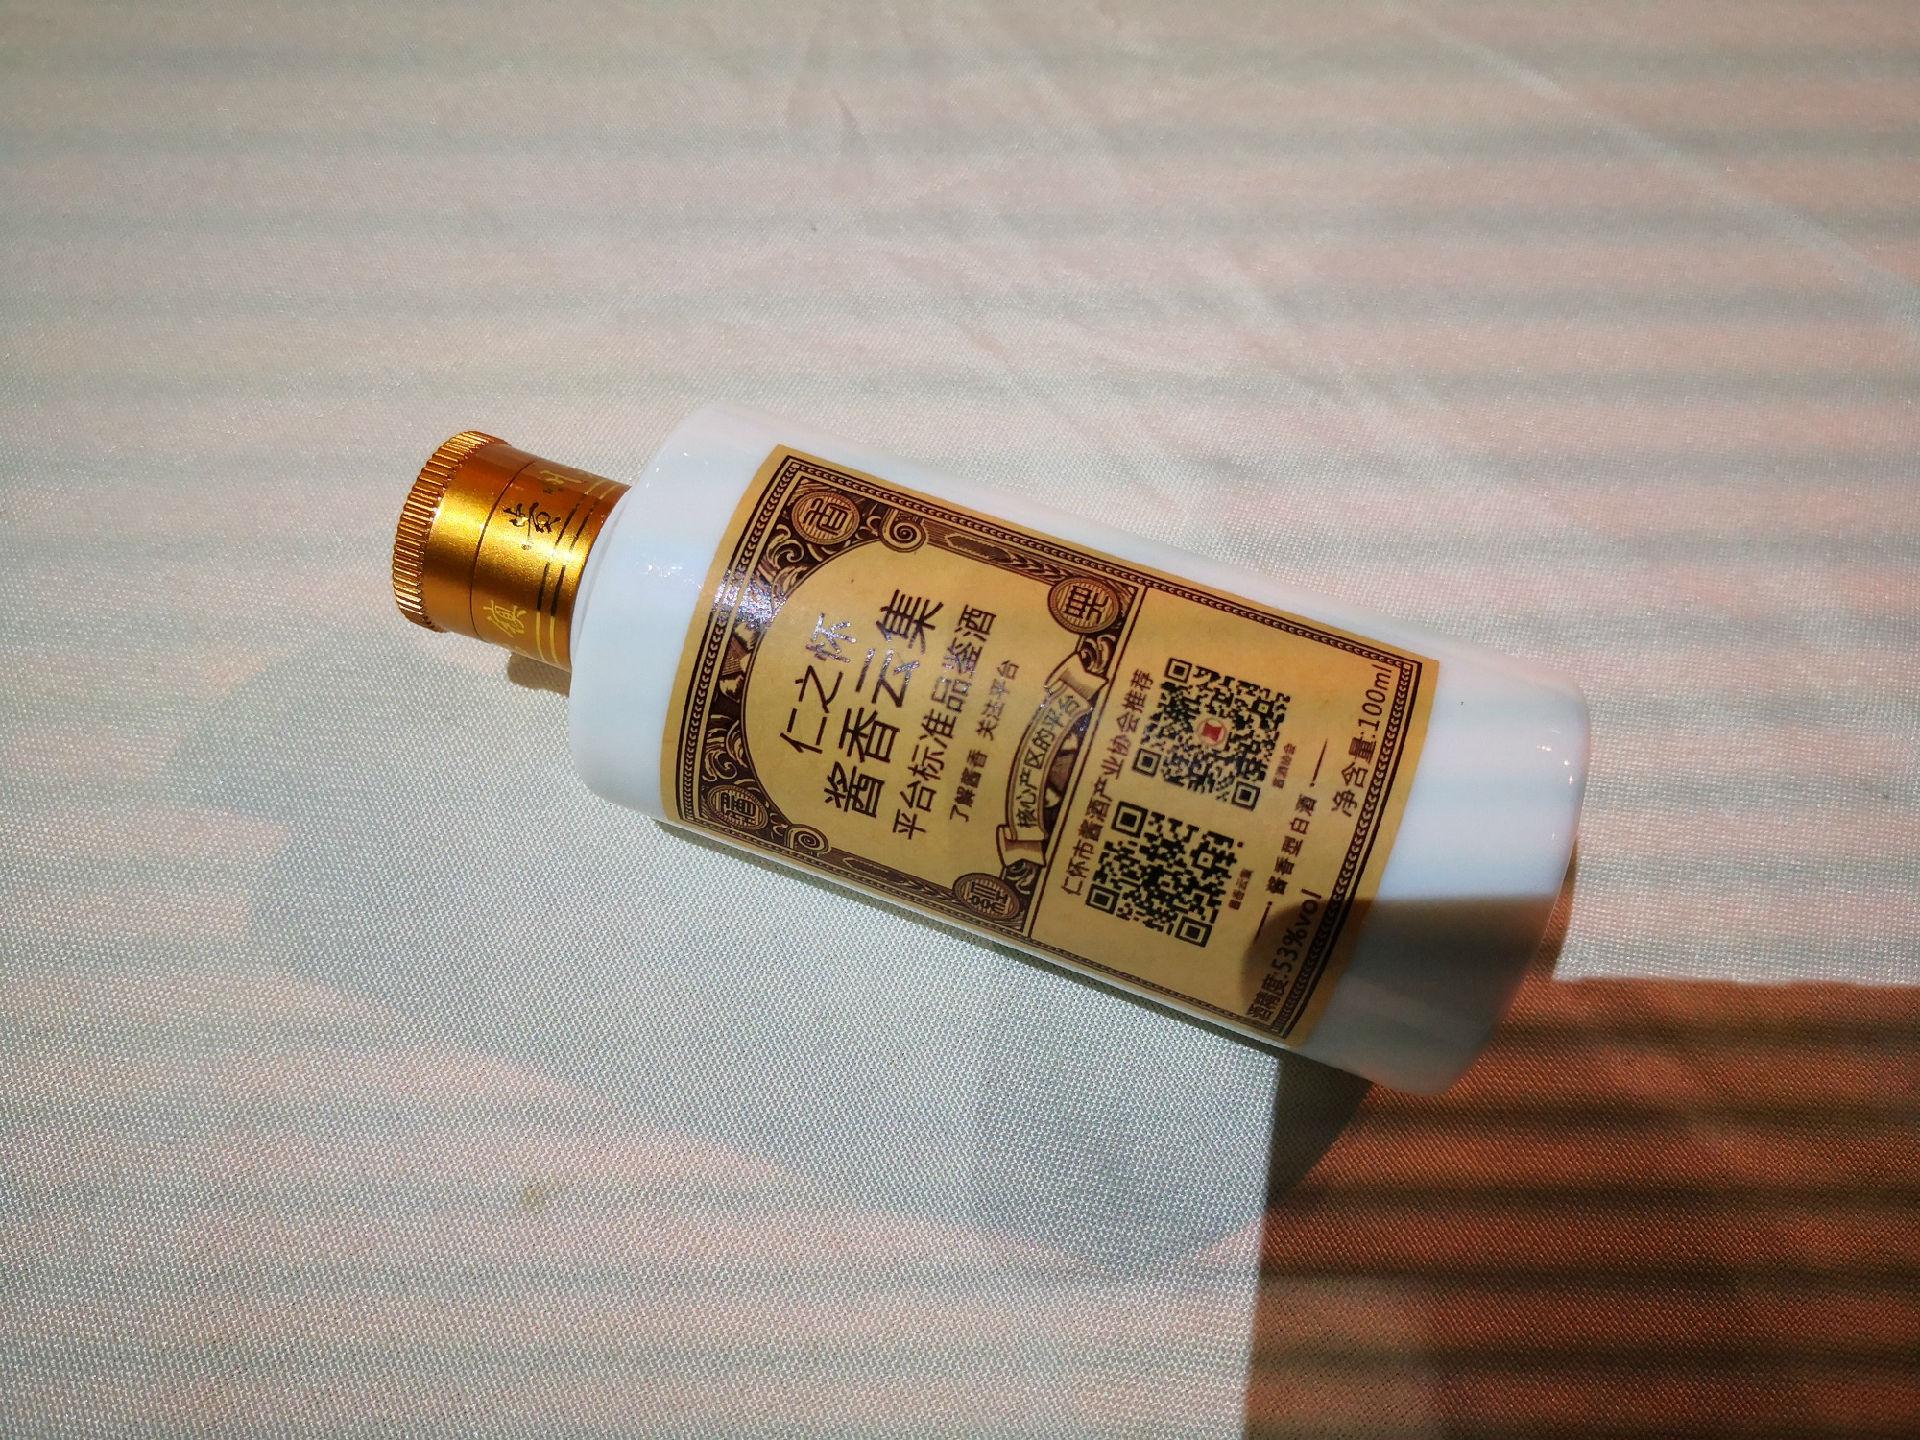 入口柔顺粮食酒不上头_喝酒白酒优质酒厂-贵州仁之怀酒莊管理有限公司